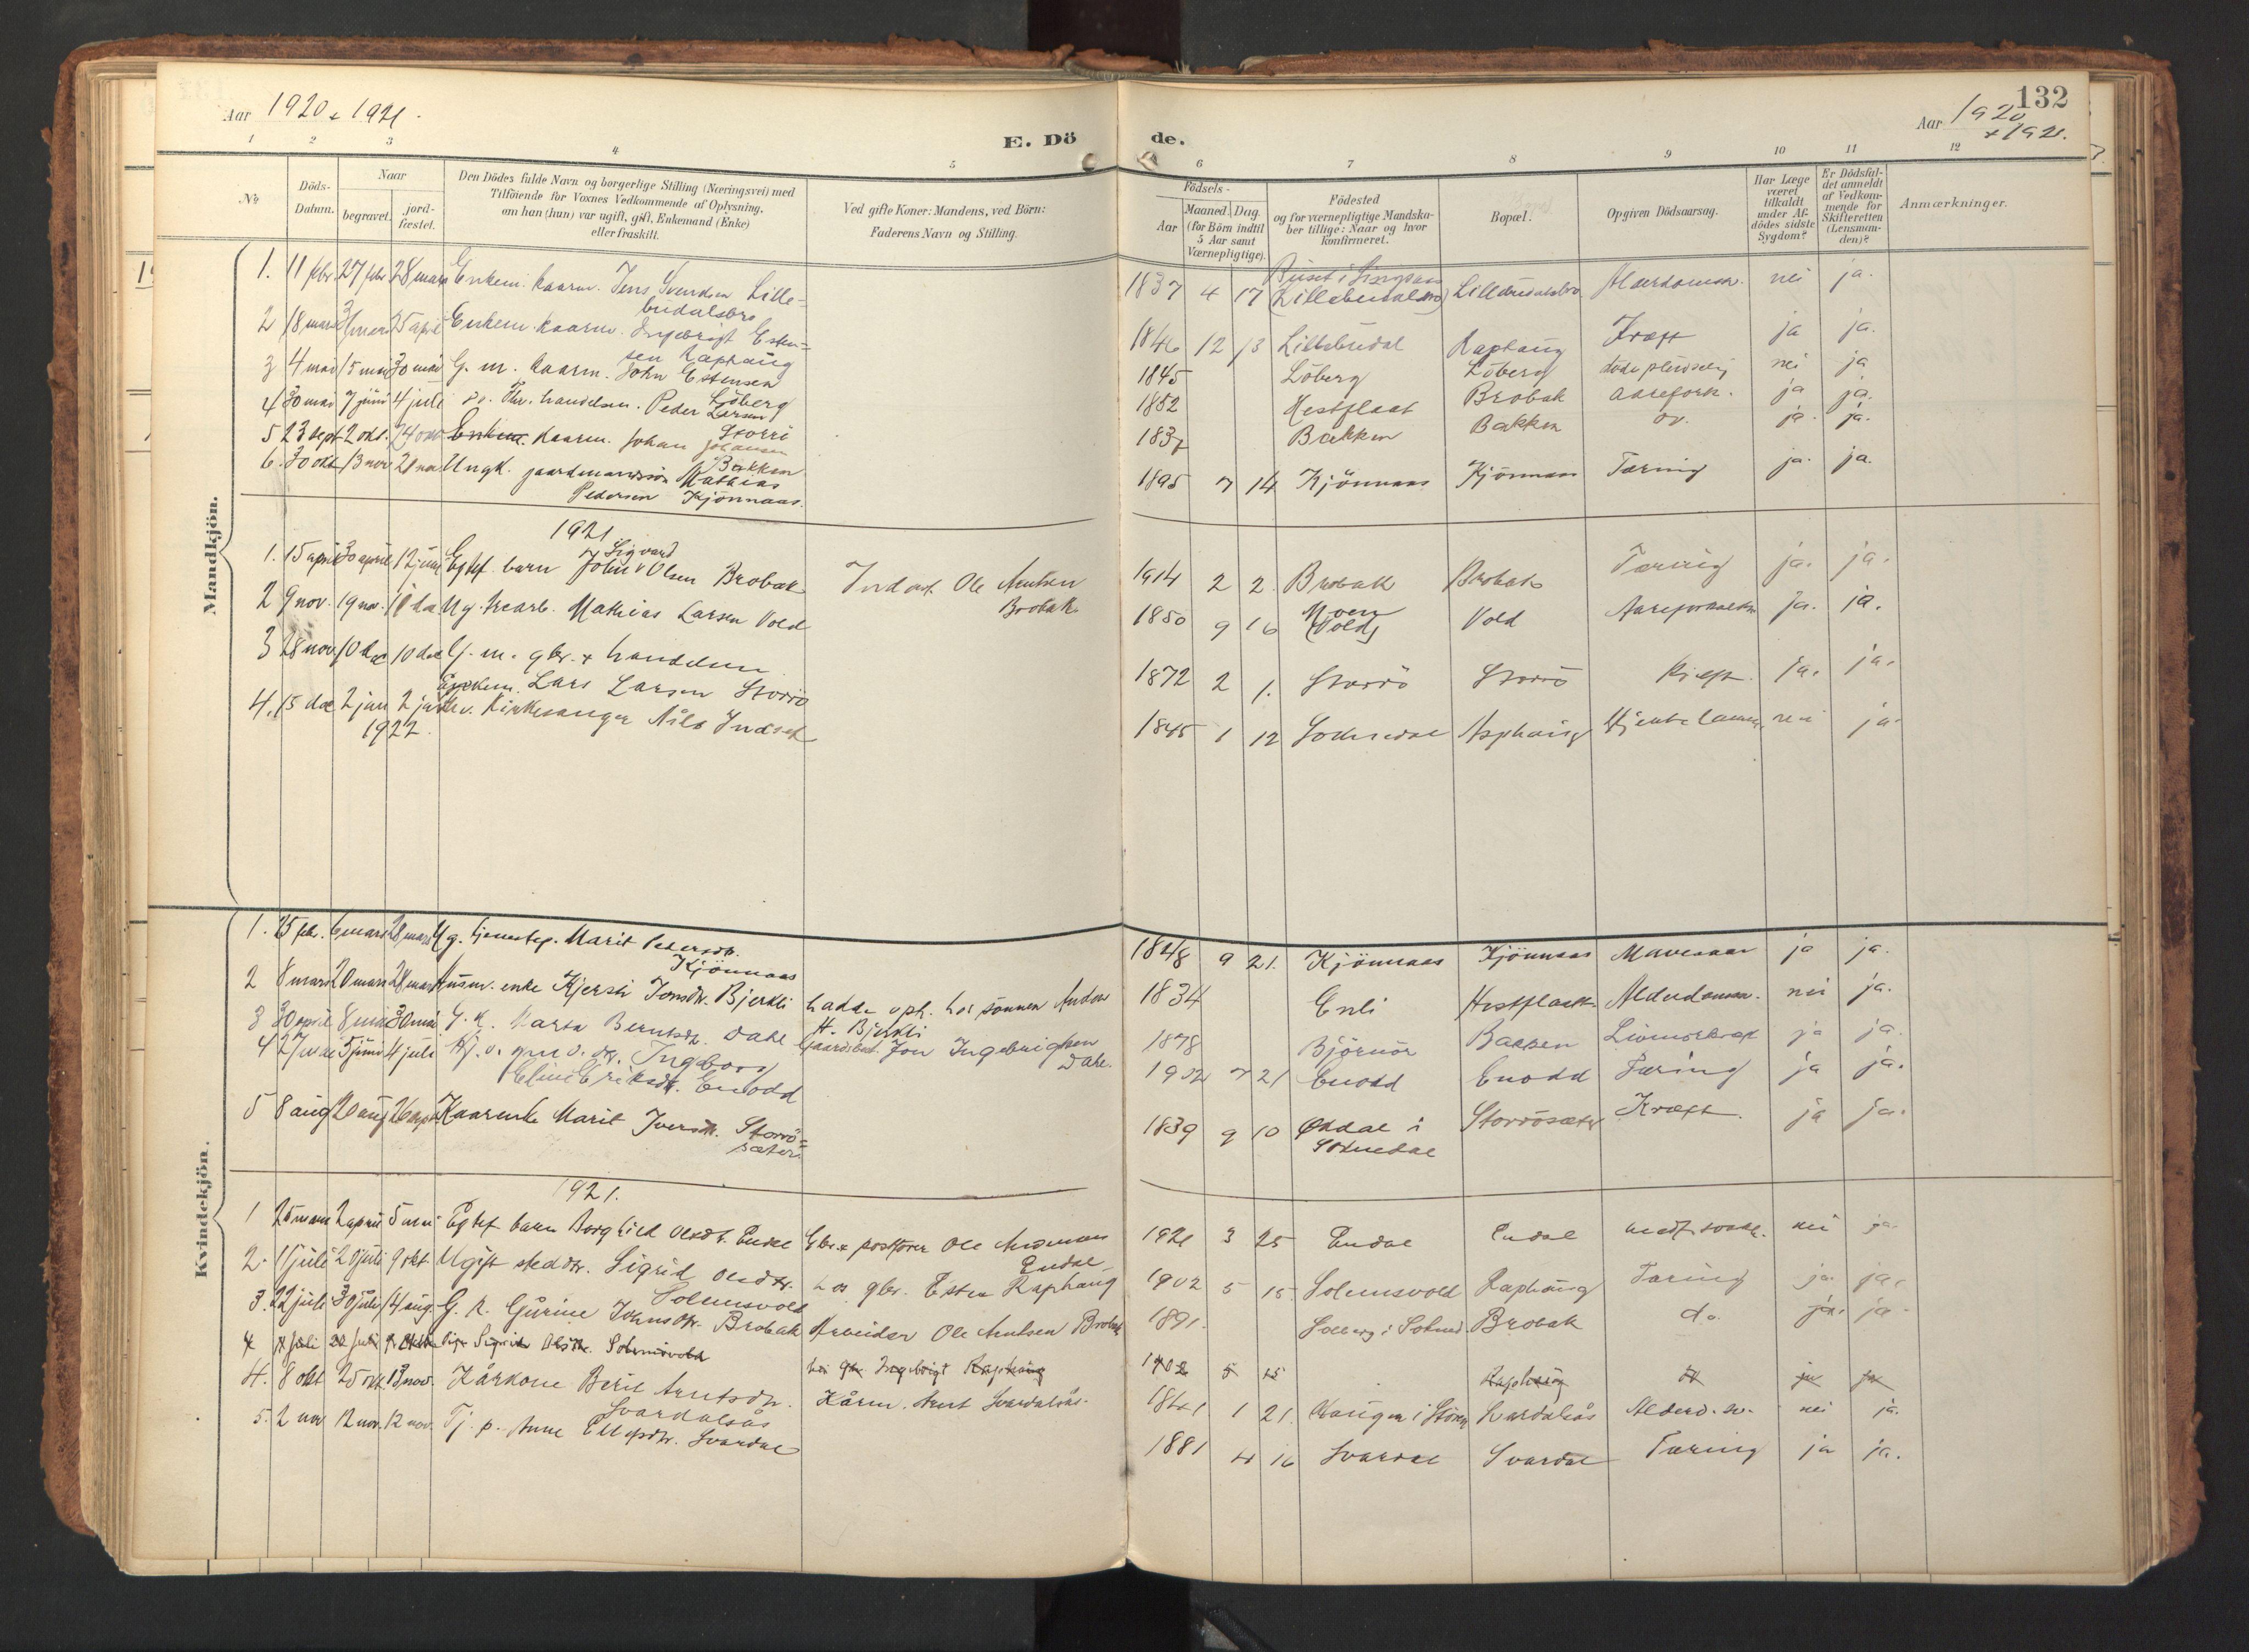 SAT, Ministerialprotokoller, klokkerbøker og fødselsregistre - Sør-Trøndelag, 690/L1050: Ministerialbok nr. 690A01, 1889-1929, s. 132